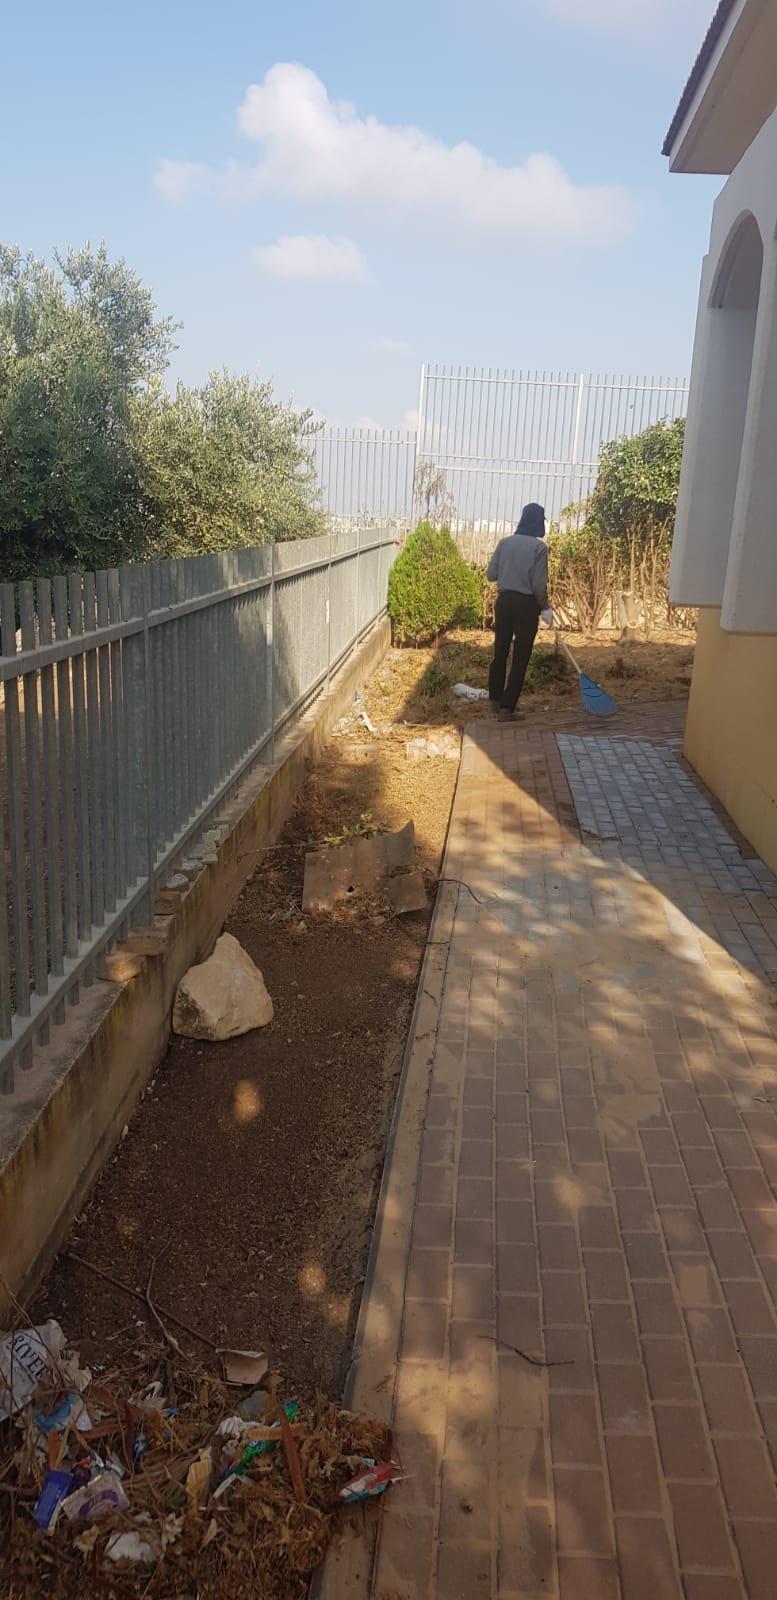 مدارس بستان المرج جاهزة لأستقبال العام الدراسي